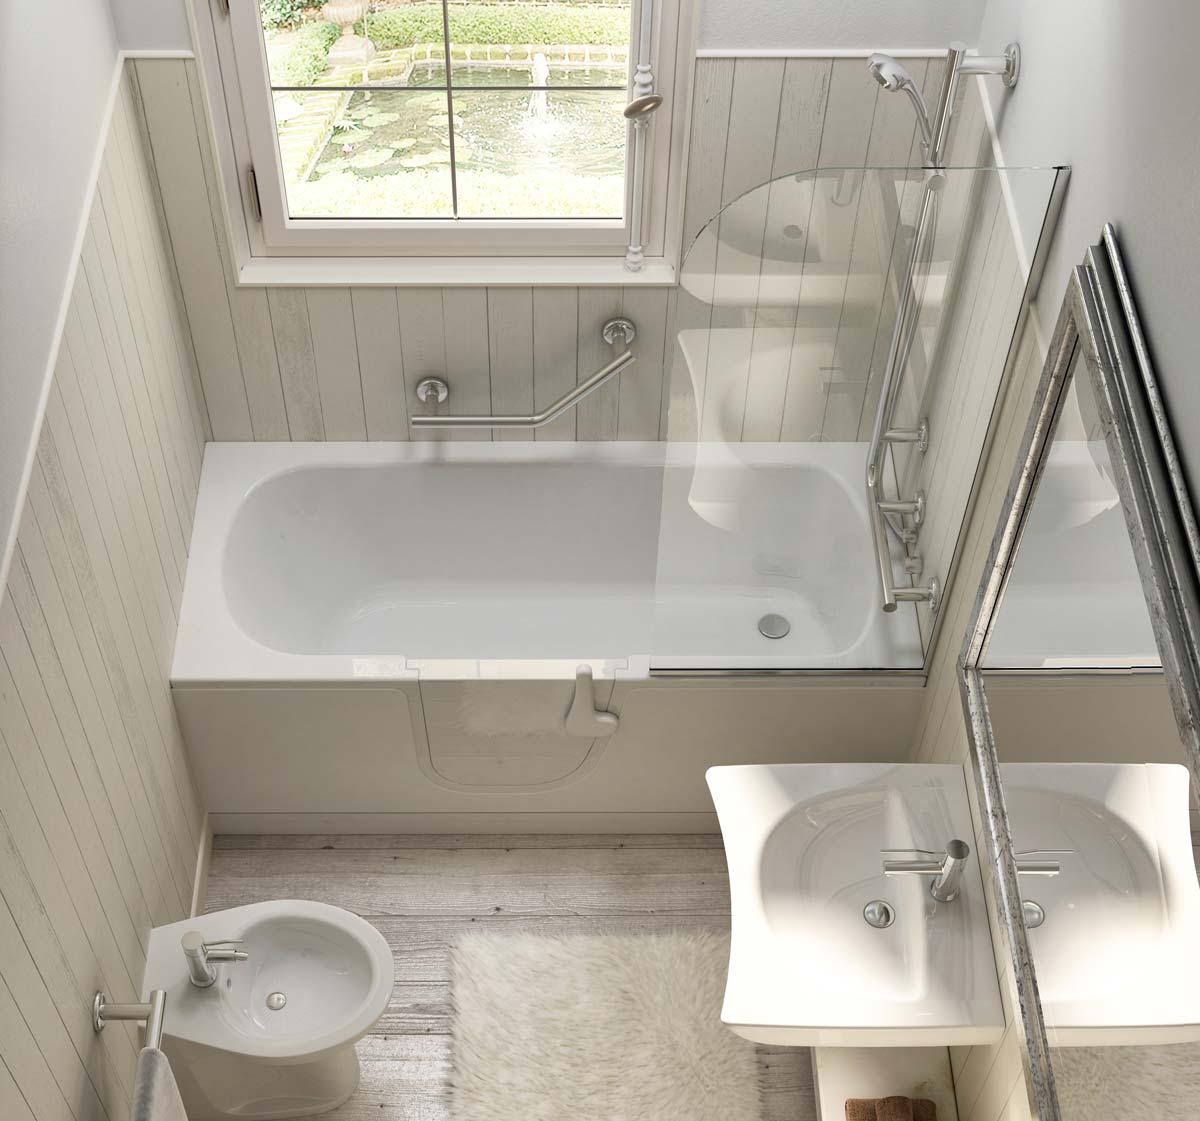 Vasca con porta per anziani goman - Porta vasca da bagno ...